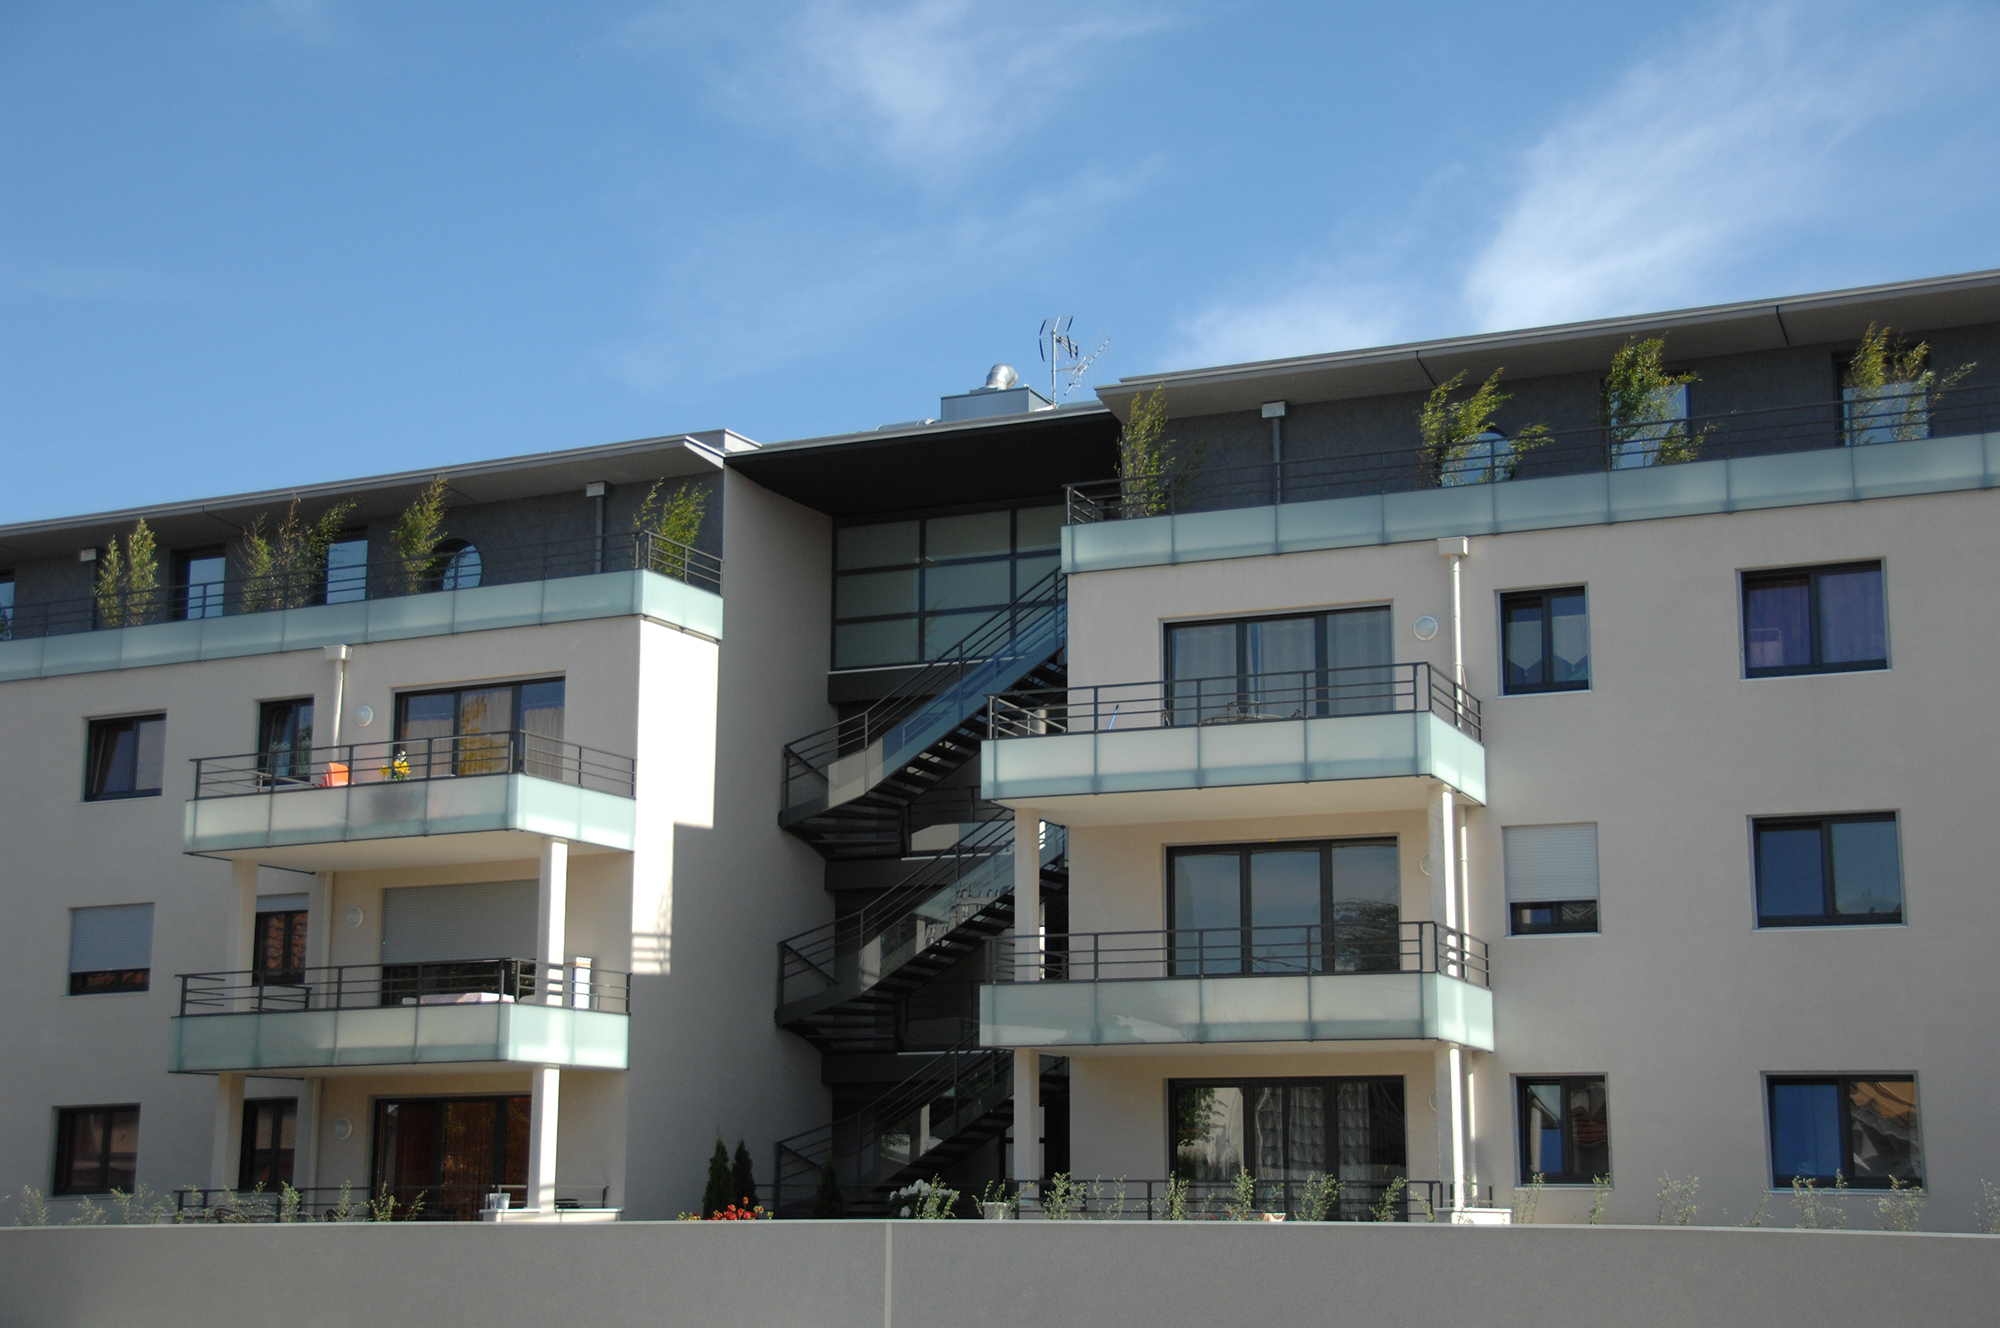 Le Mondrian Besançon, immobilier neuf